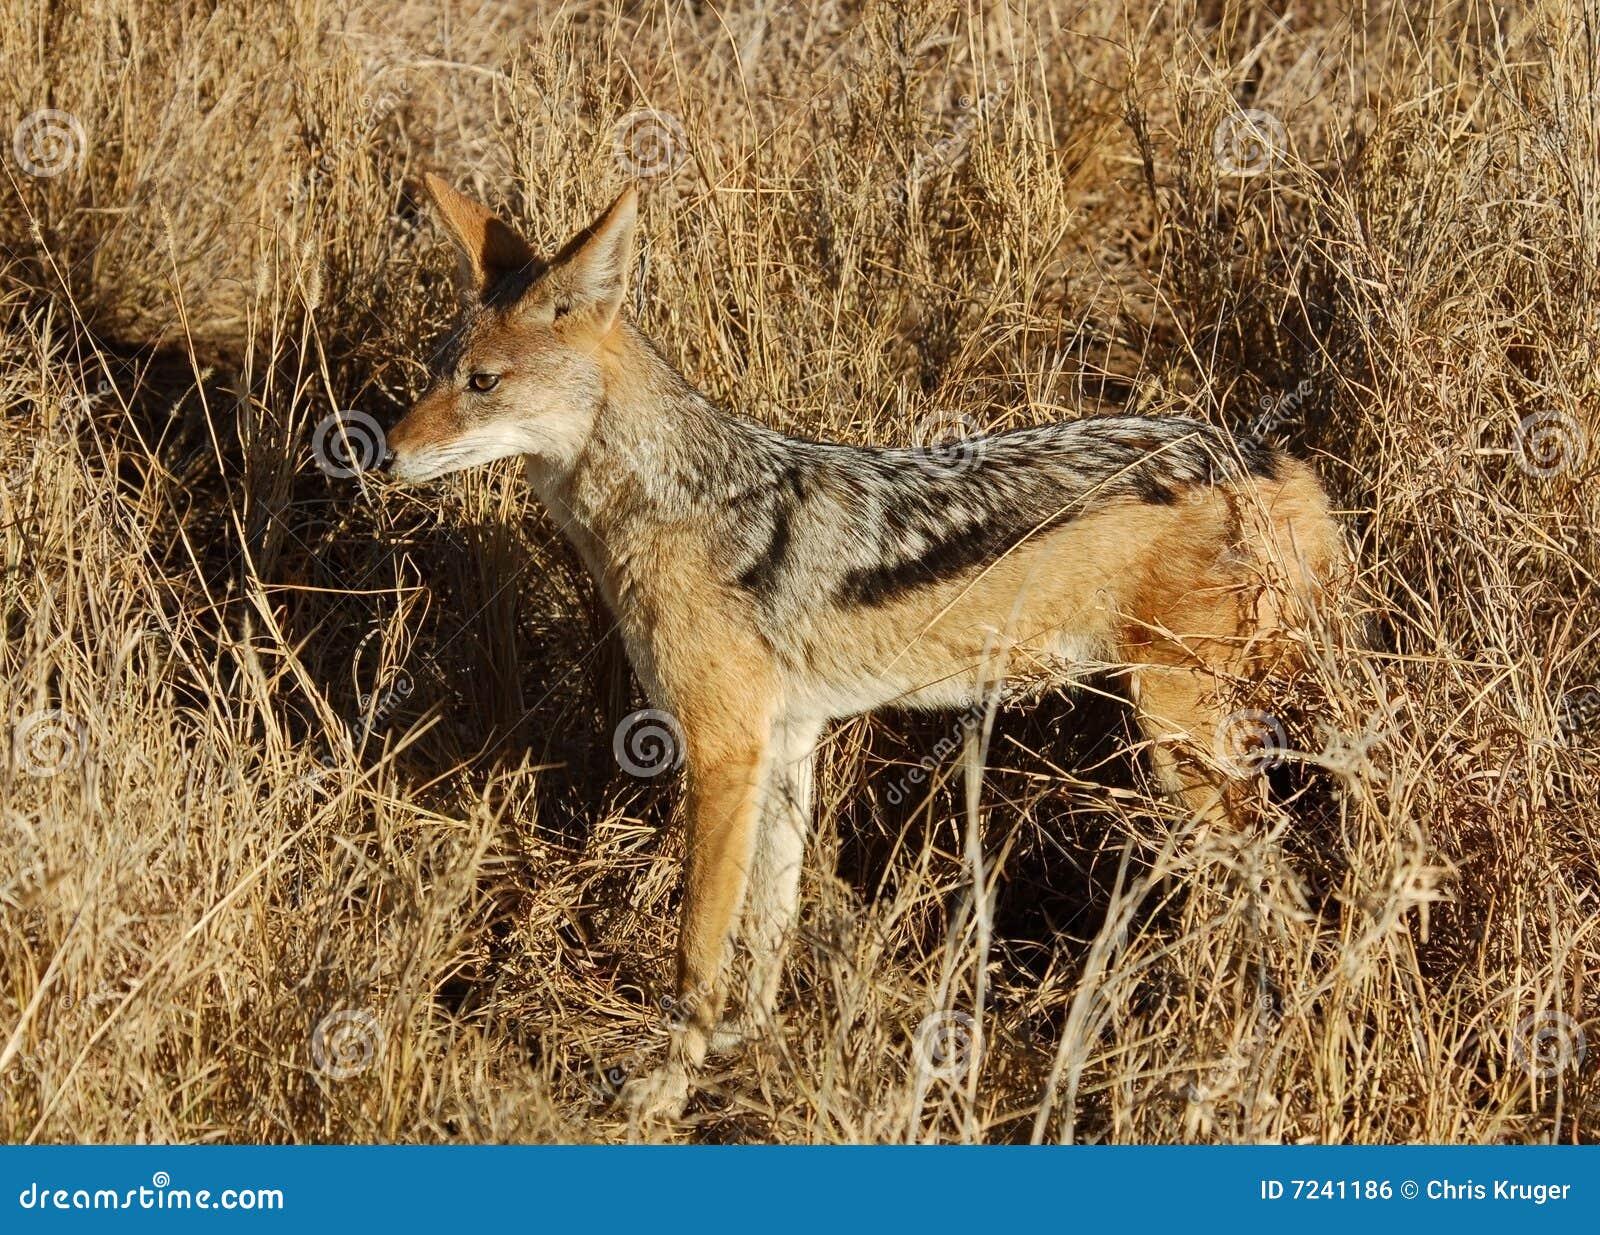 Africa Wildlife Black Backed Jackal Stock Photo Image